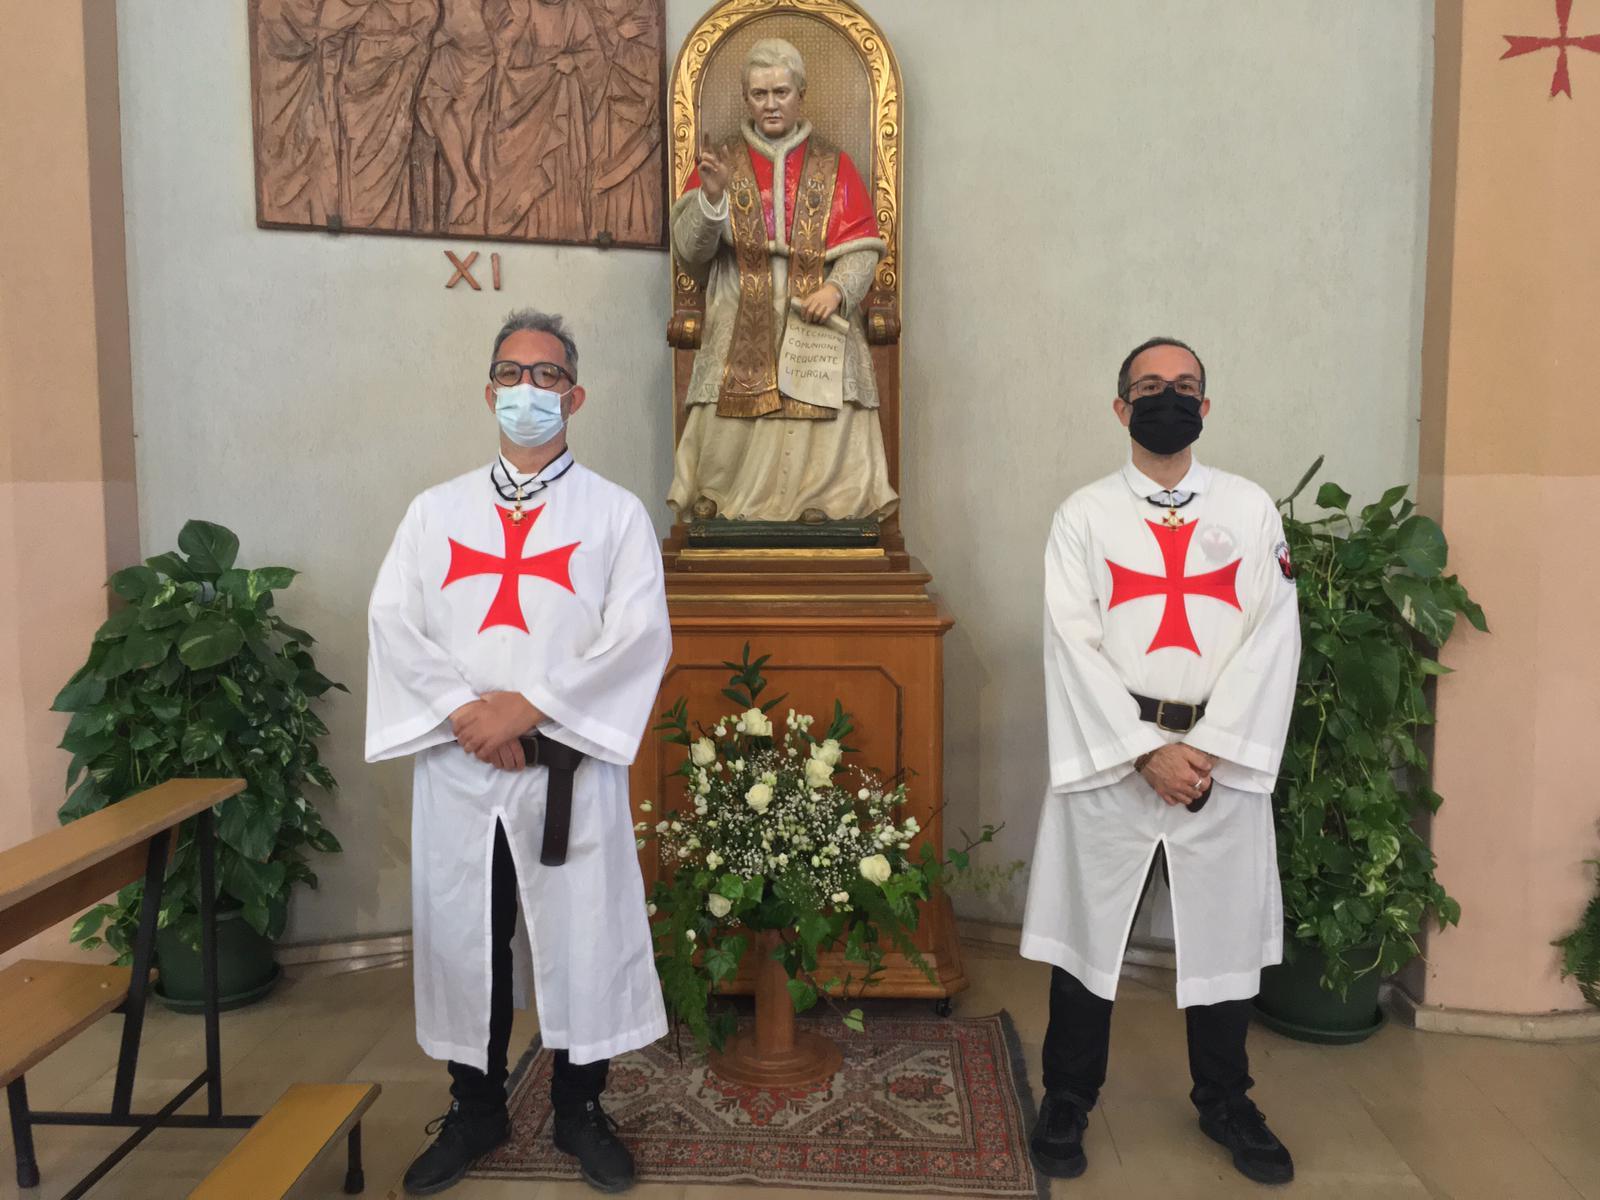 Custodia della Chiesa di San Pio X a Cagliari (Aprile 2021)